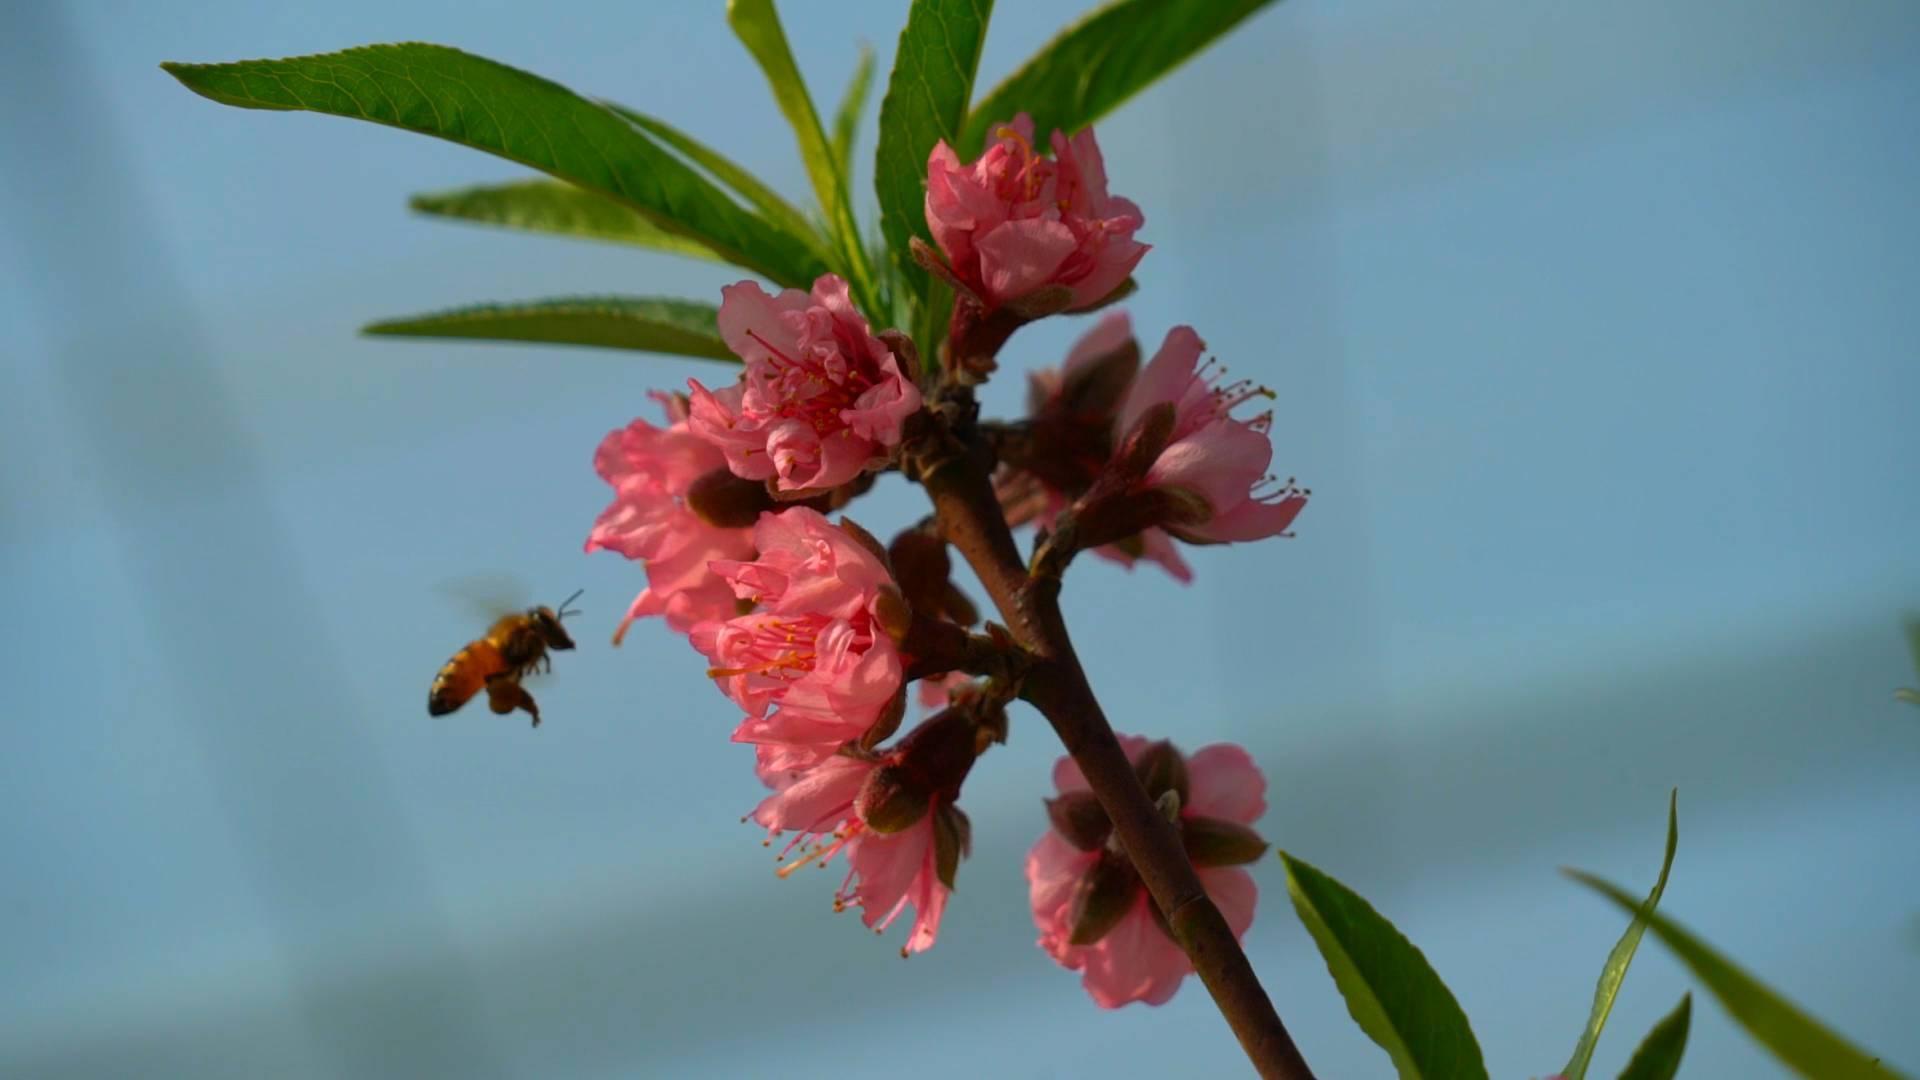 60秒|隆冬时节桃花朵朵开 临沂沂南700亩大棚已是花香四溢